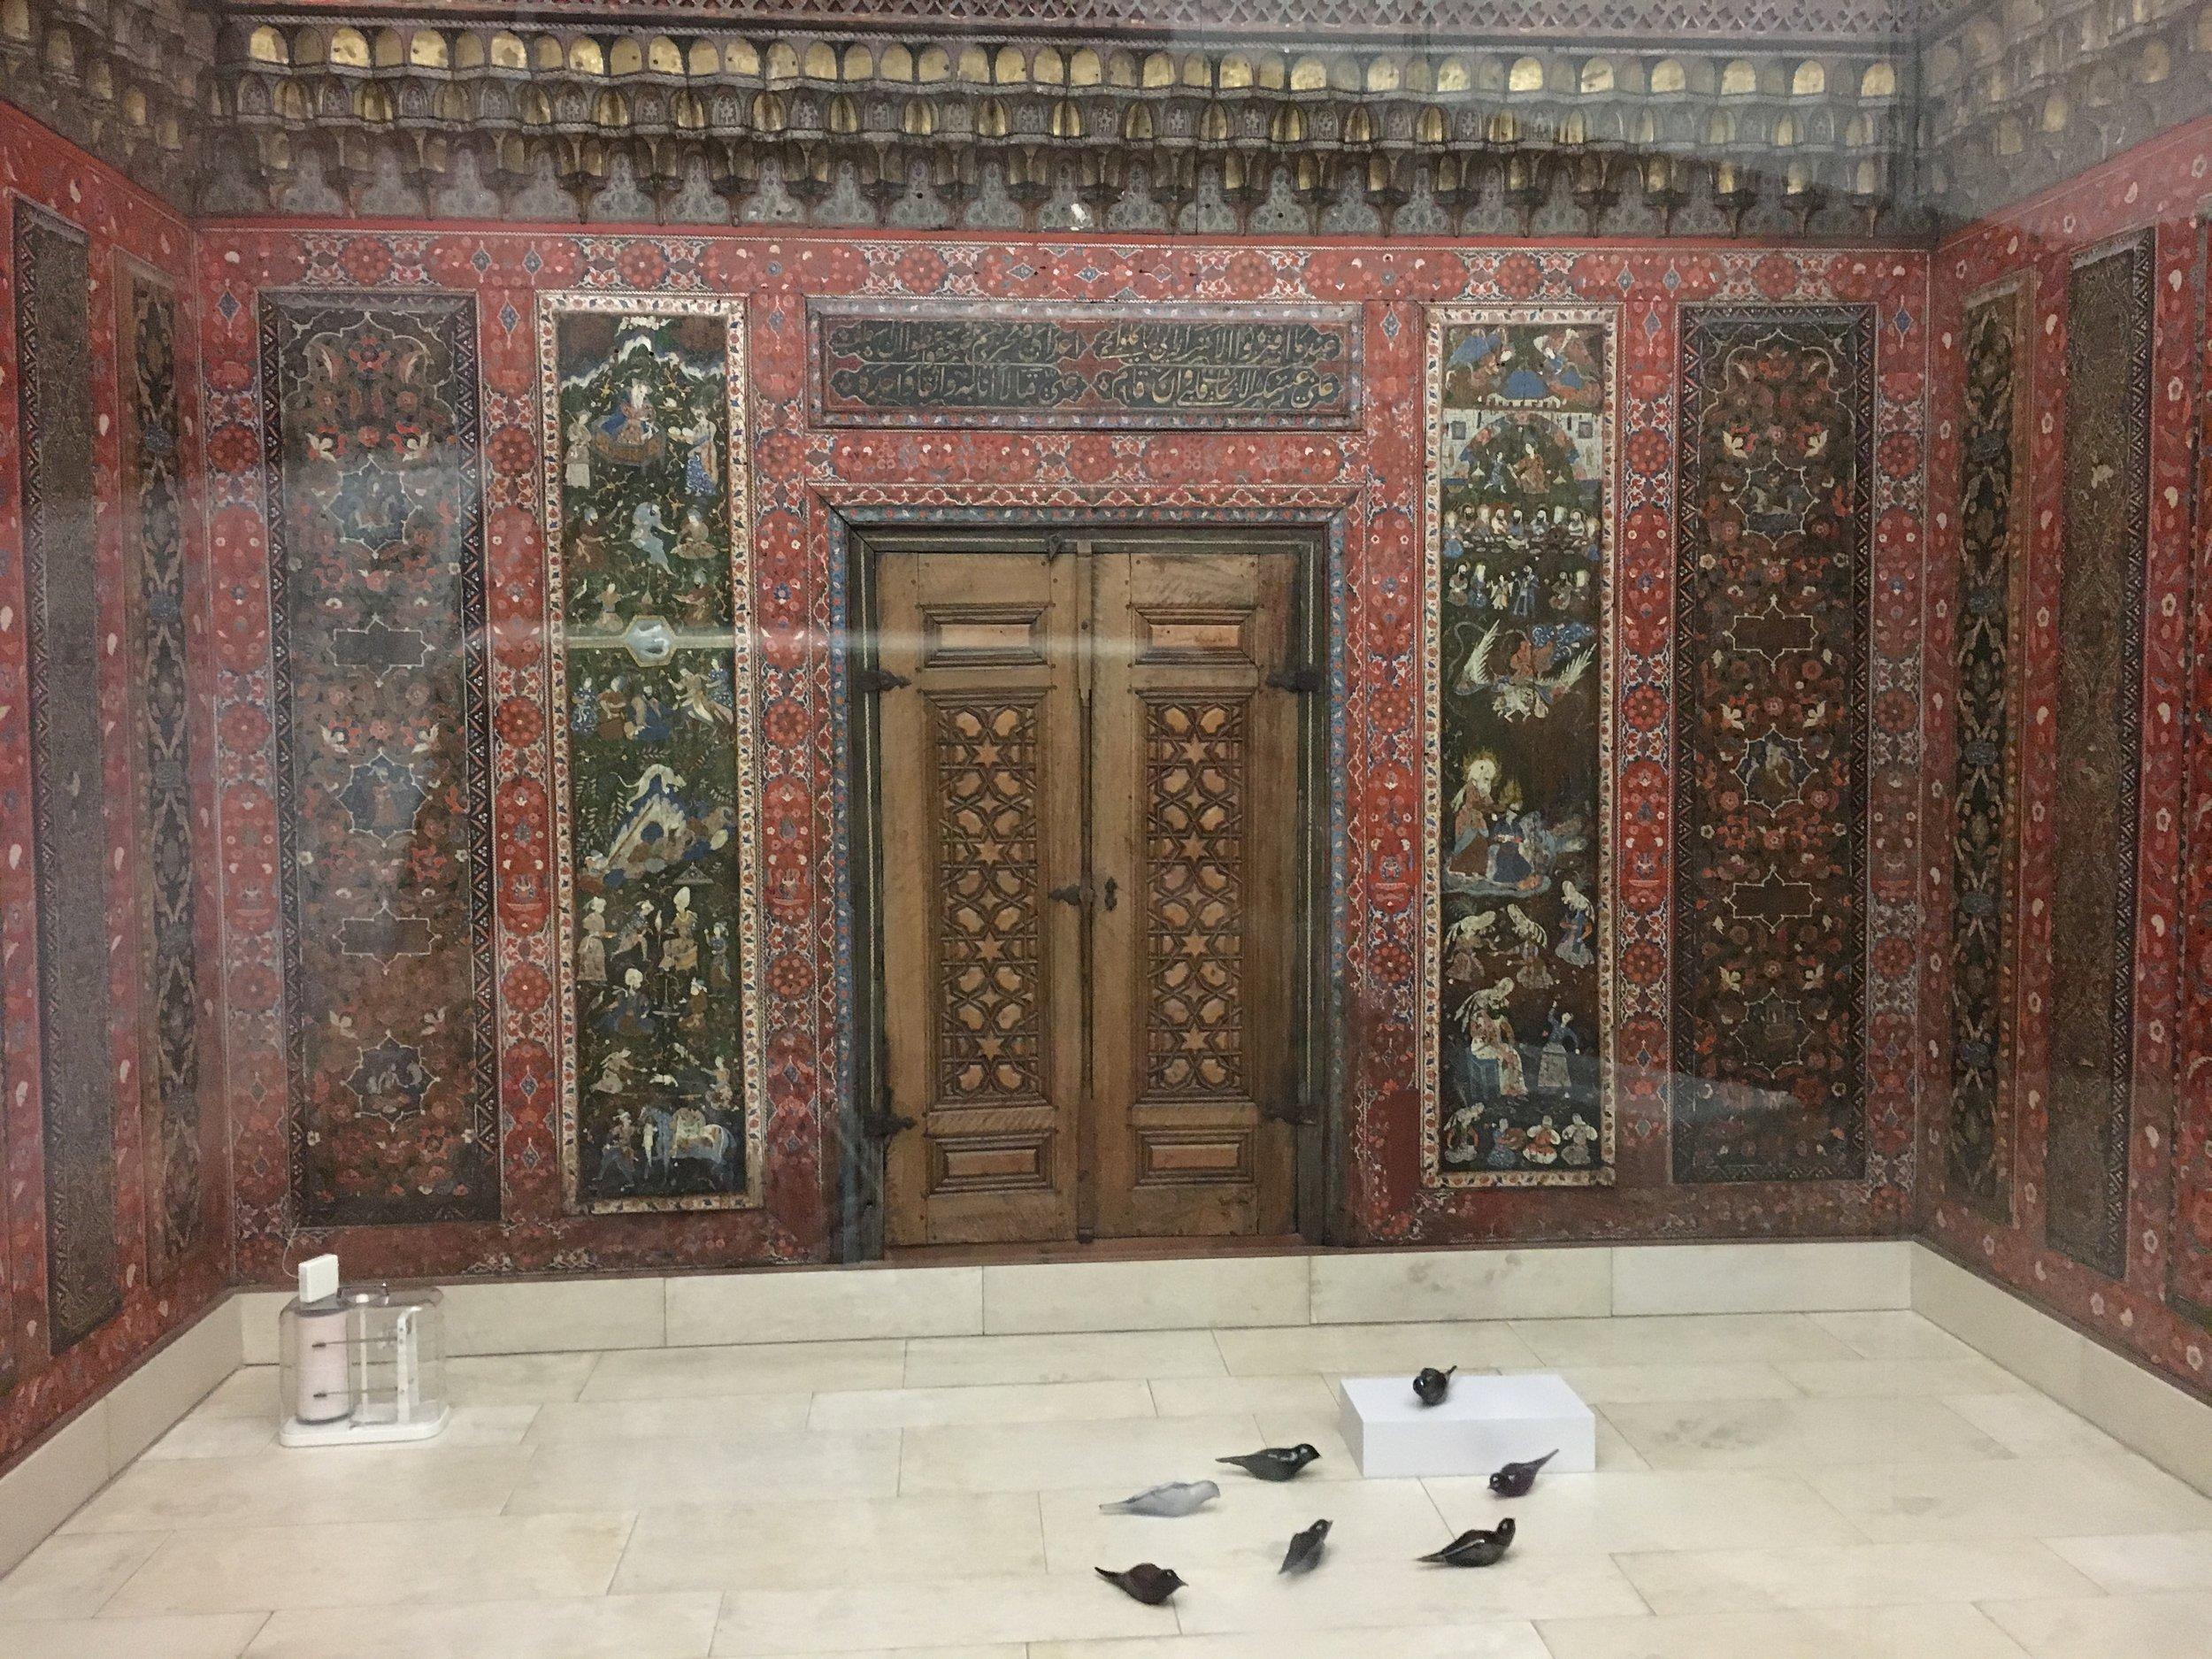 Pergamon-Museum_Museum-for-Islamic-Art_Aleppo-Room2